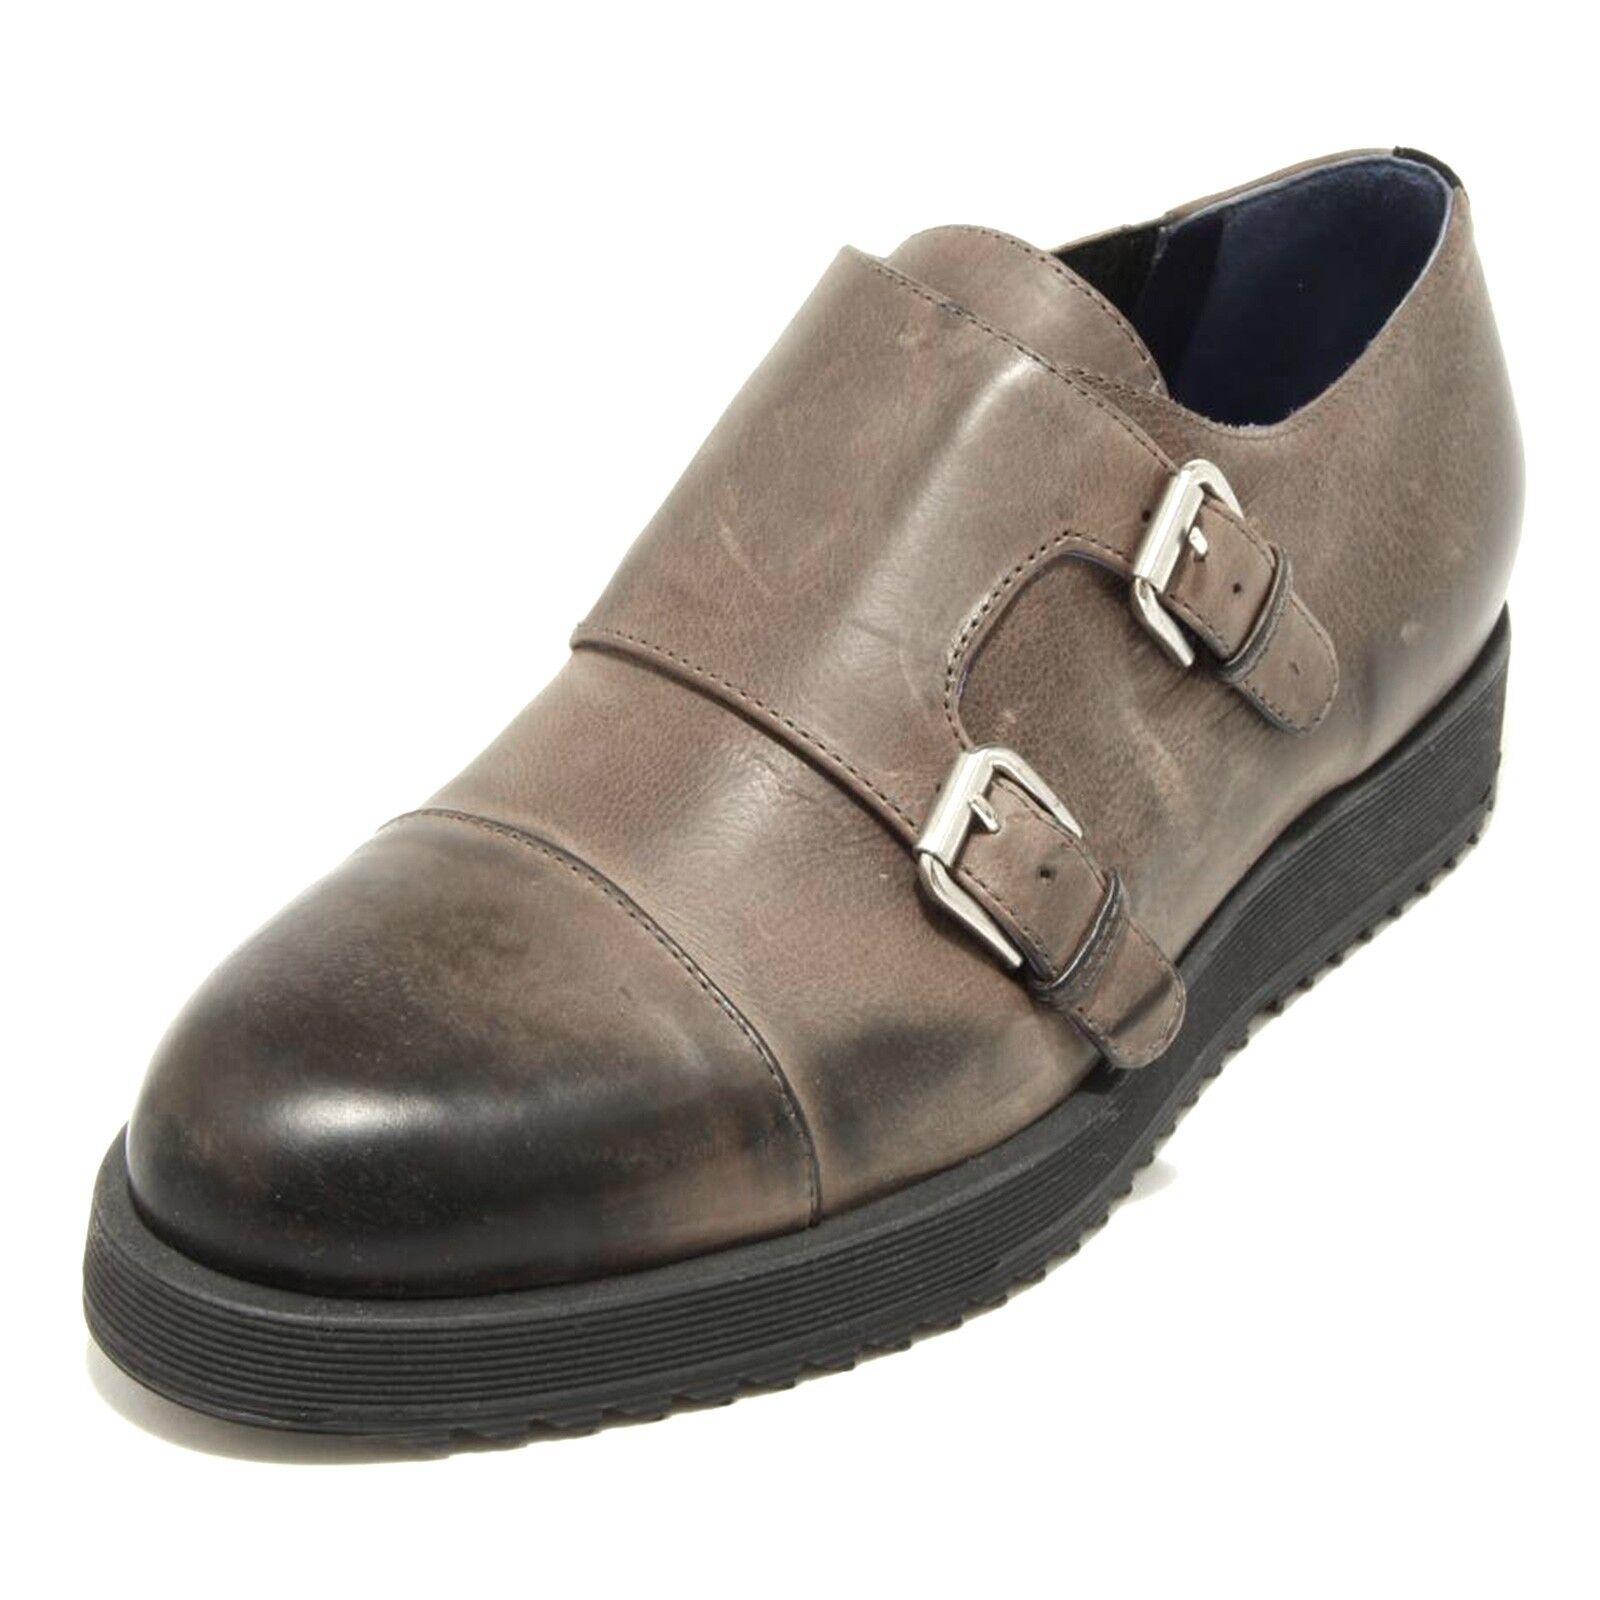 2065G scarpa antracite calzatura UNO 8 UNO 181 calzatura antracite doppia fibbia uomo shoes men 4770d4